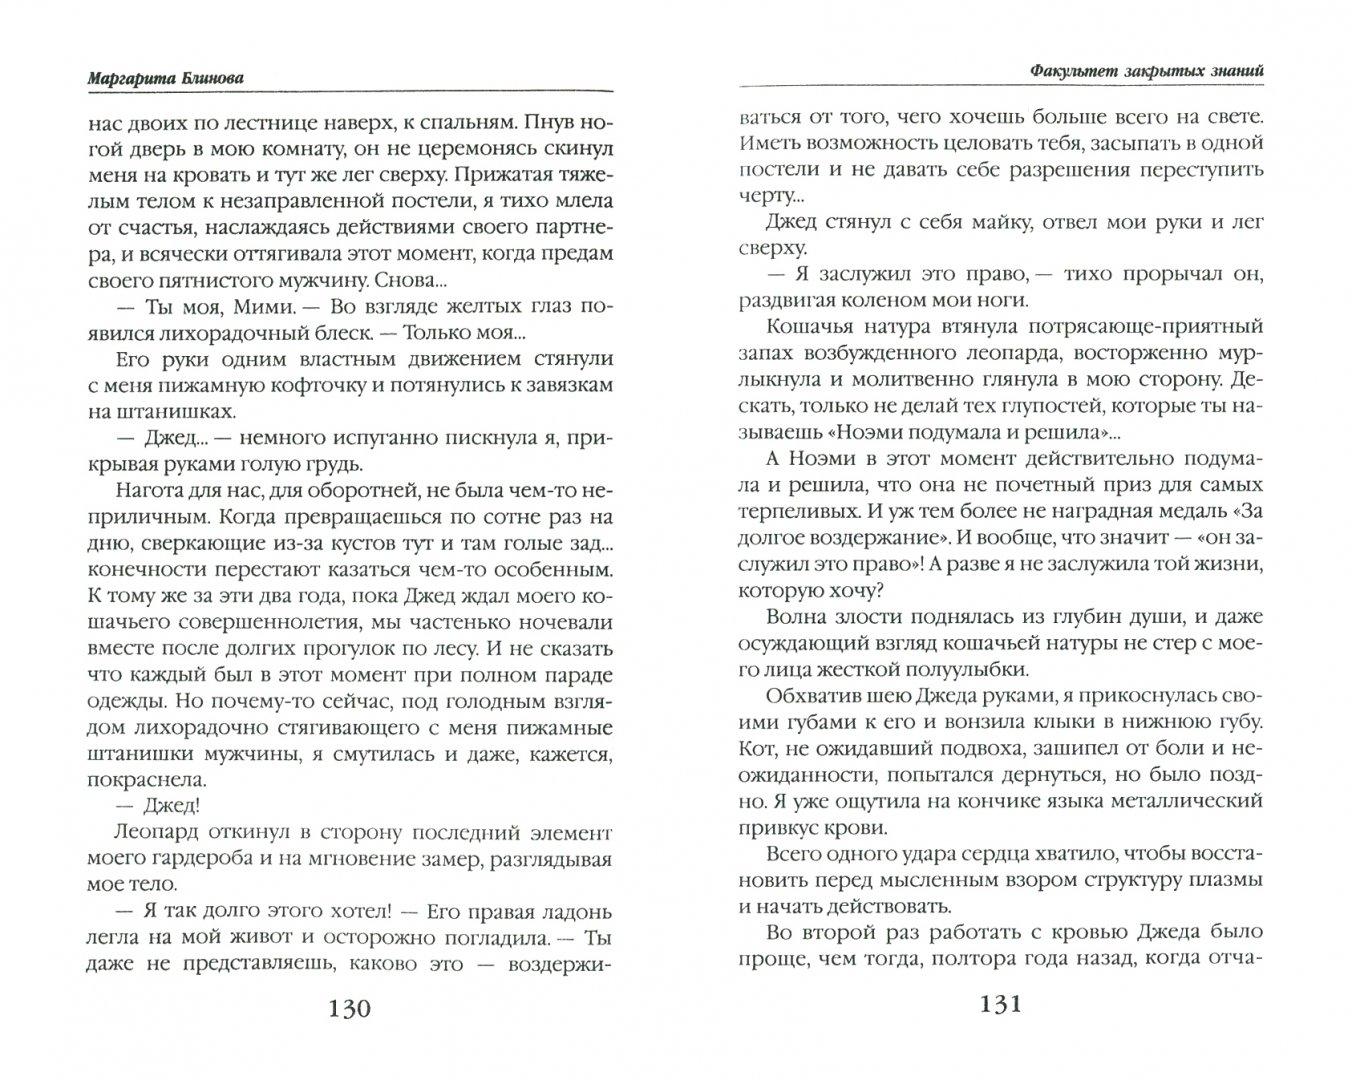 Иллюстрация 1 из 9 для Факультет закрытых знаний - Маргарита Блинова | Лабиринт - книги. Источник: Лабиринт